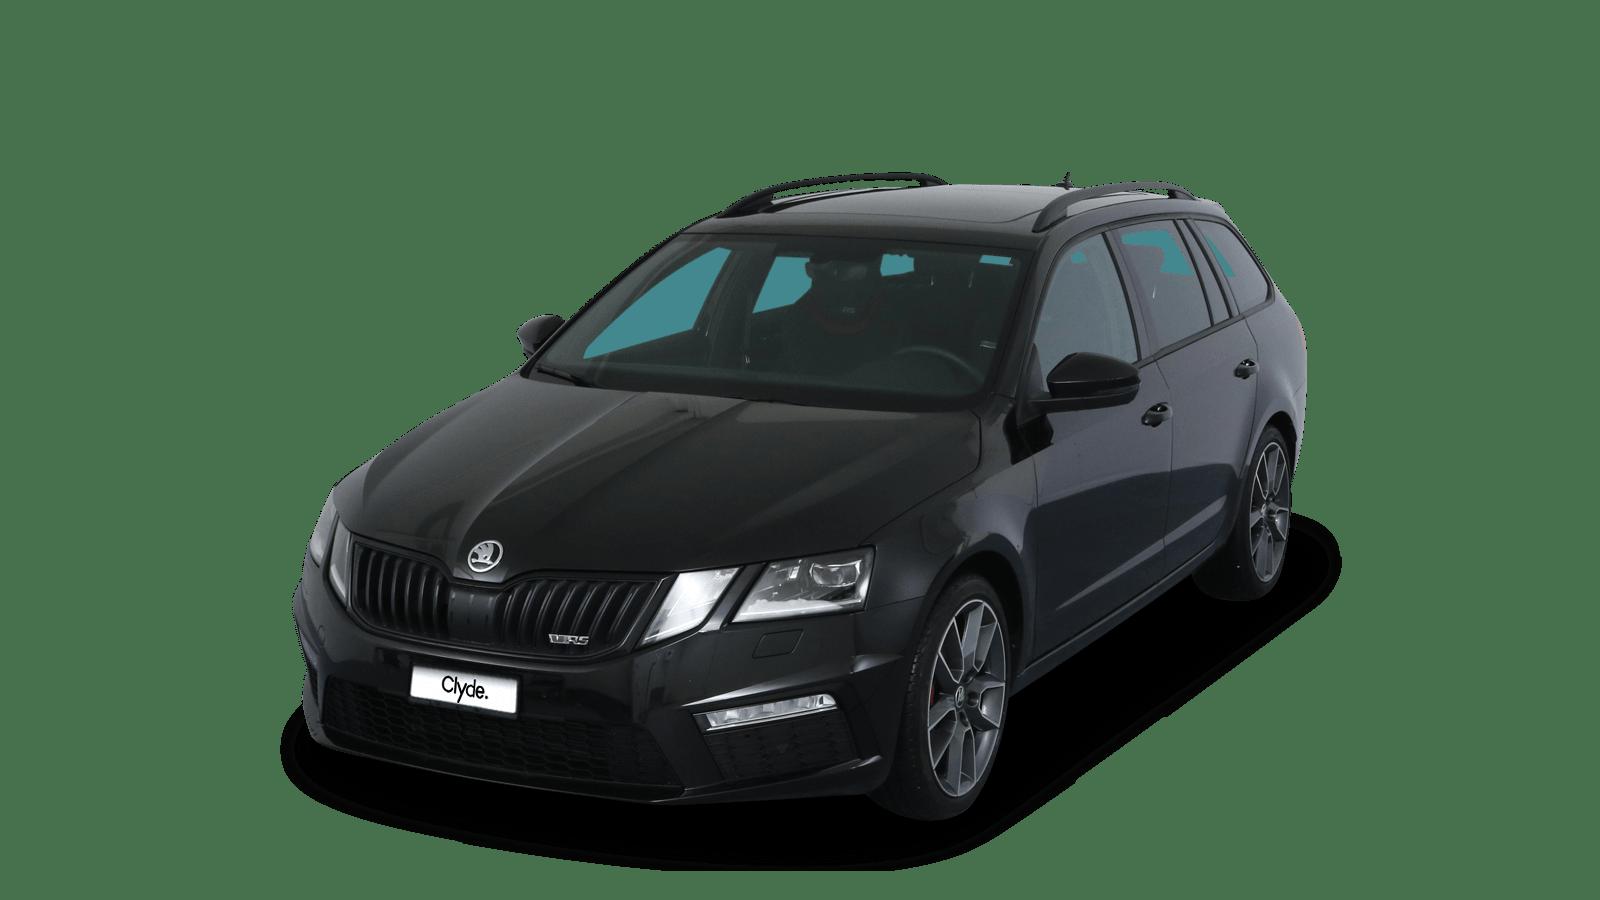 ŠKODA Octavia Combi RS Schwarz front - Clyde Auto-Abo